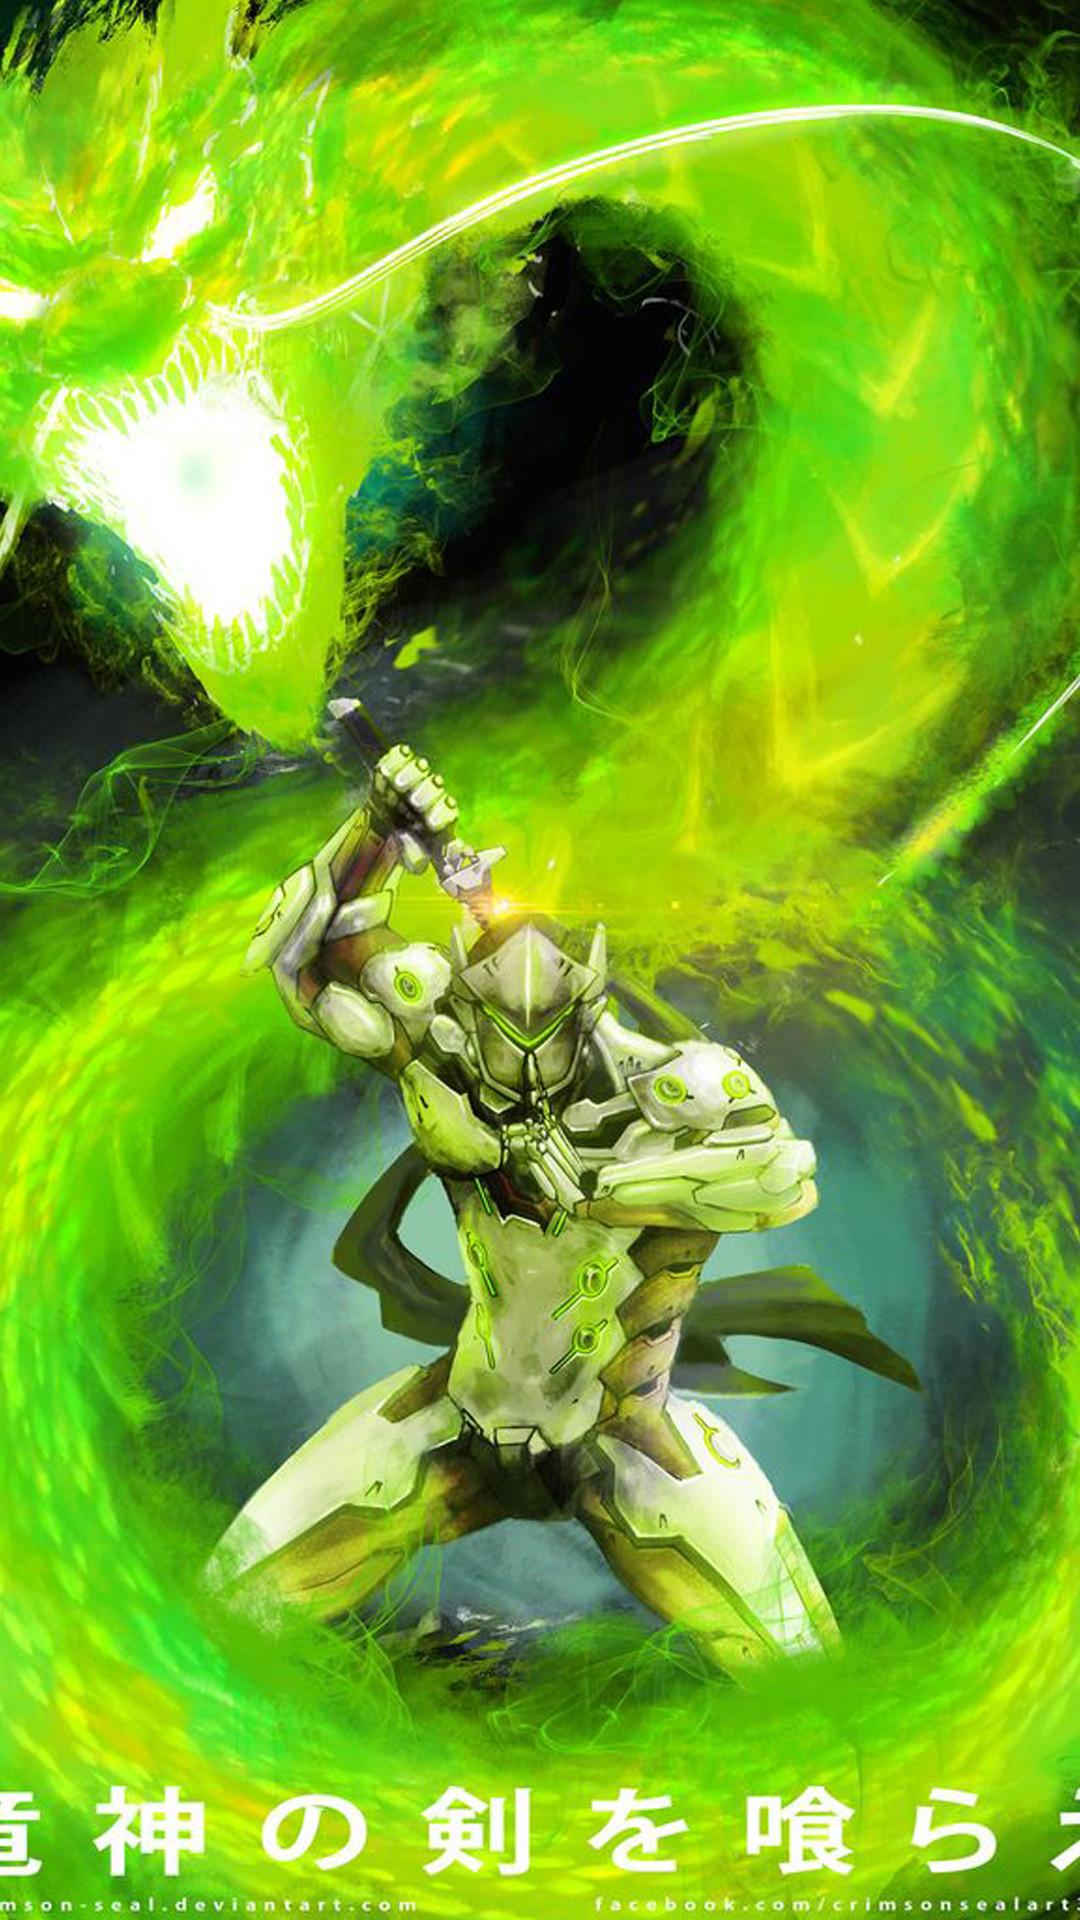 Genji Overwatch Wallpaper 75 Images